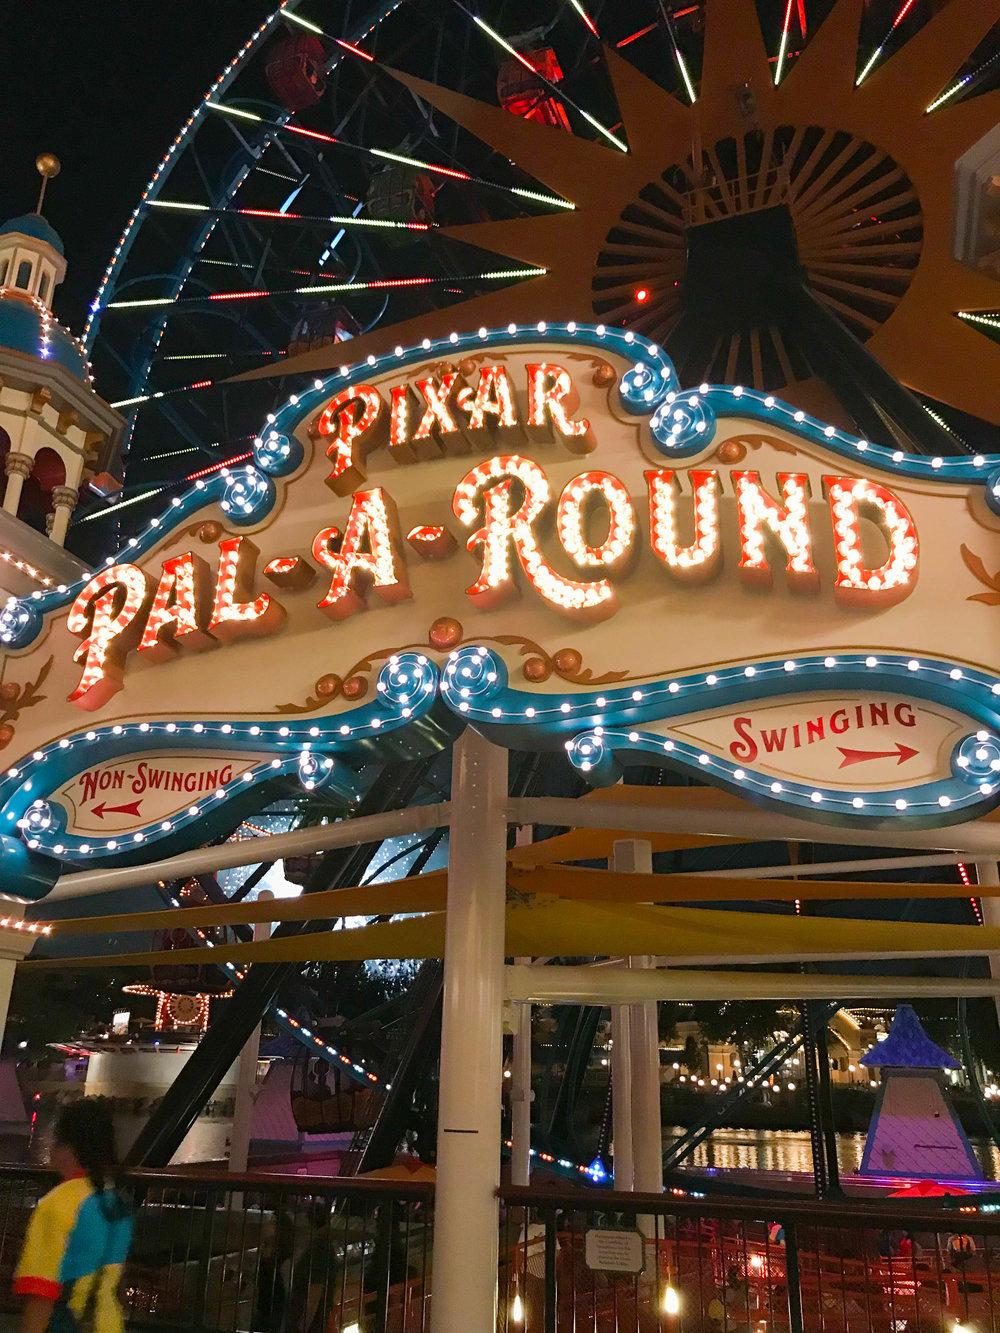 Disneyland Pixar Pier Pal-a-round Merry-go-round